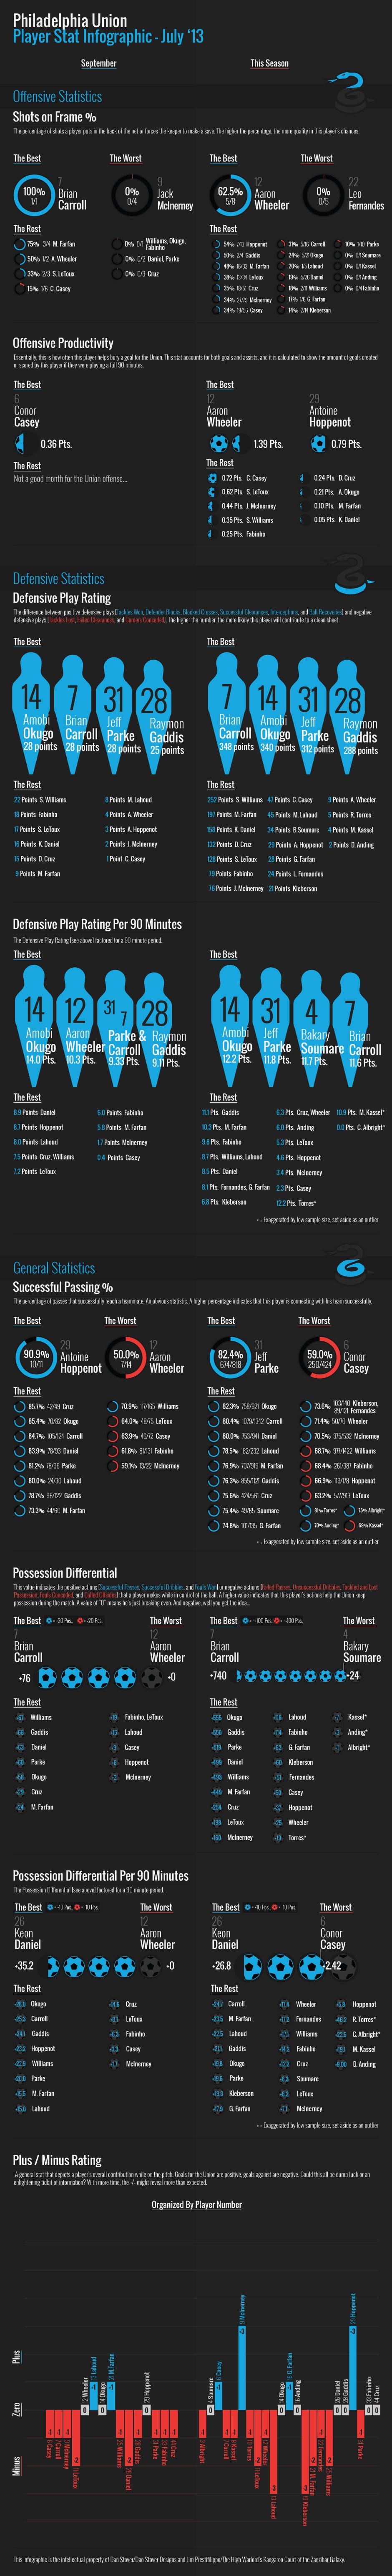 Infographic_9-13